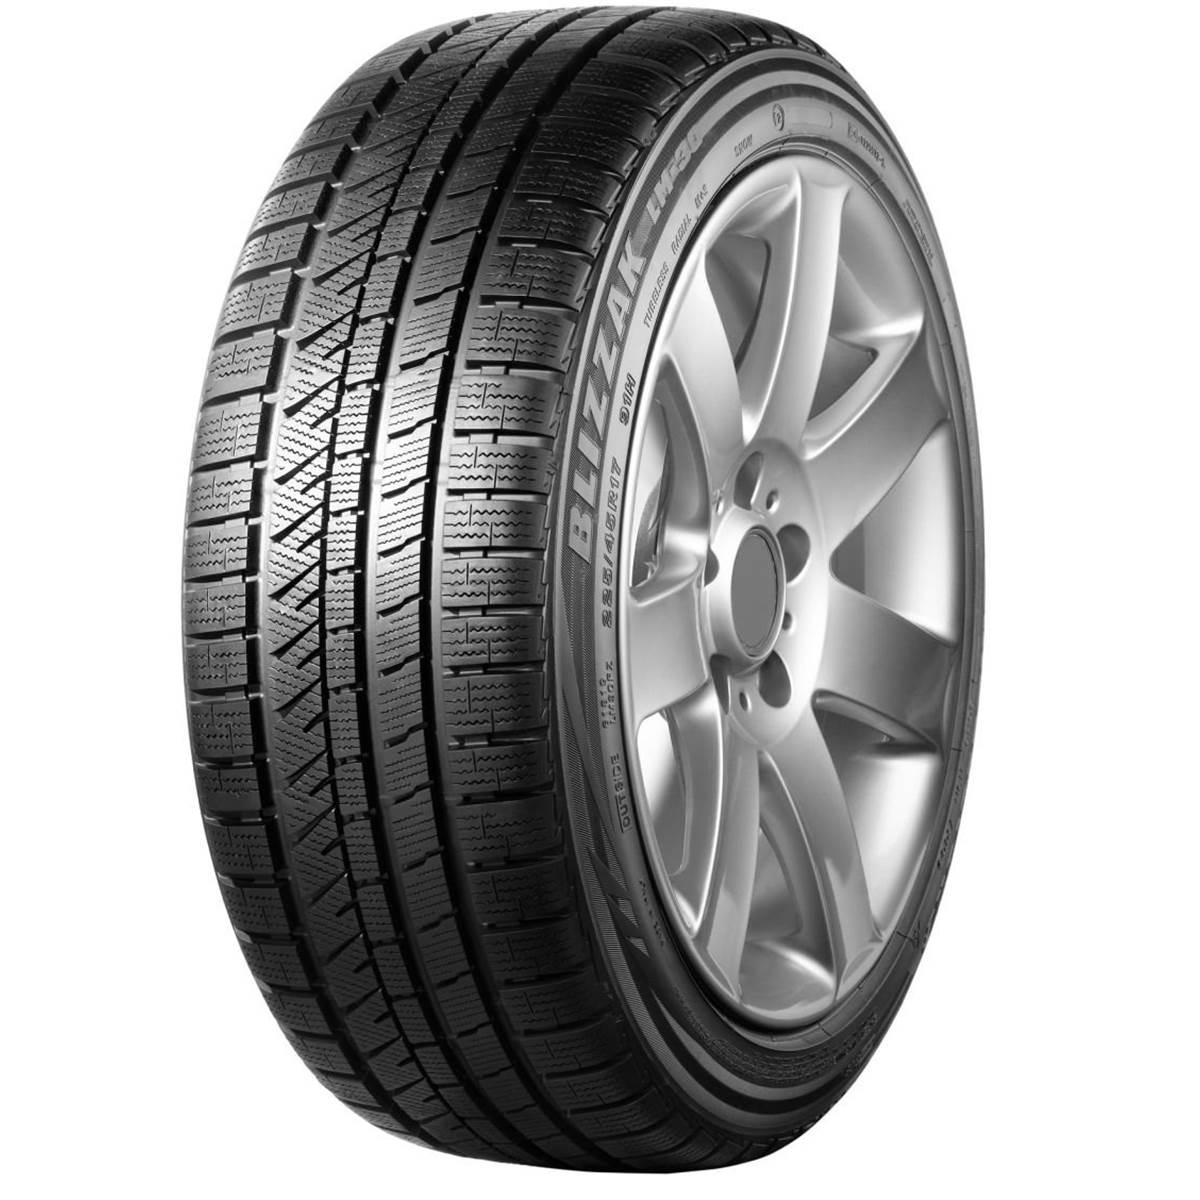 Comparer les prix des pneus Bridgestone Blizzak LM-30